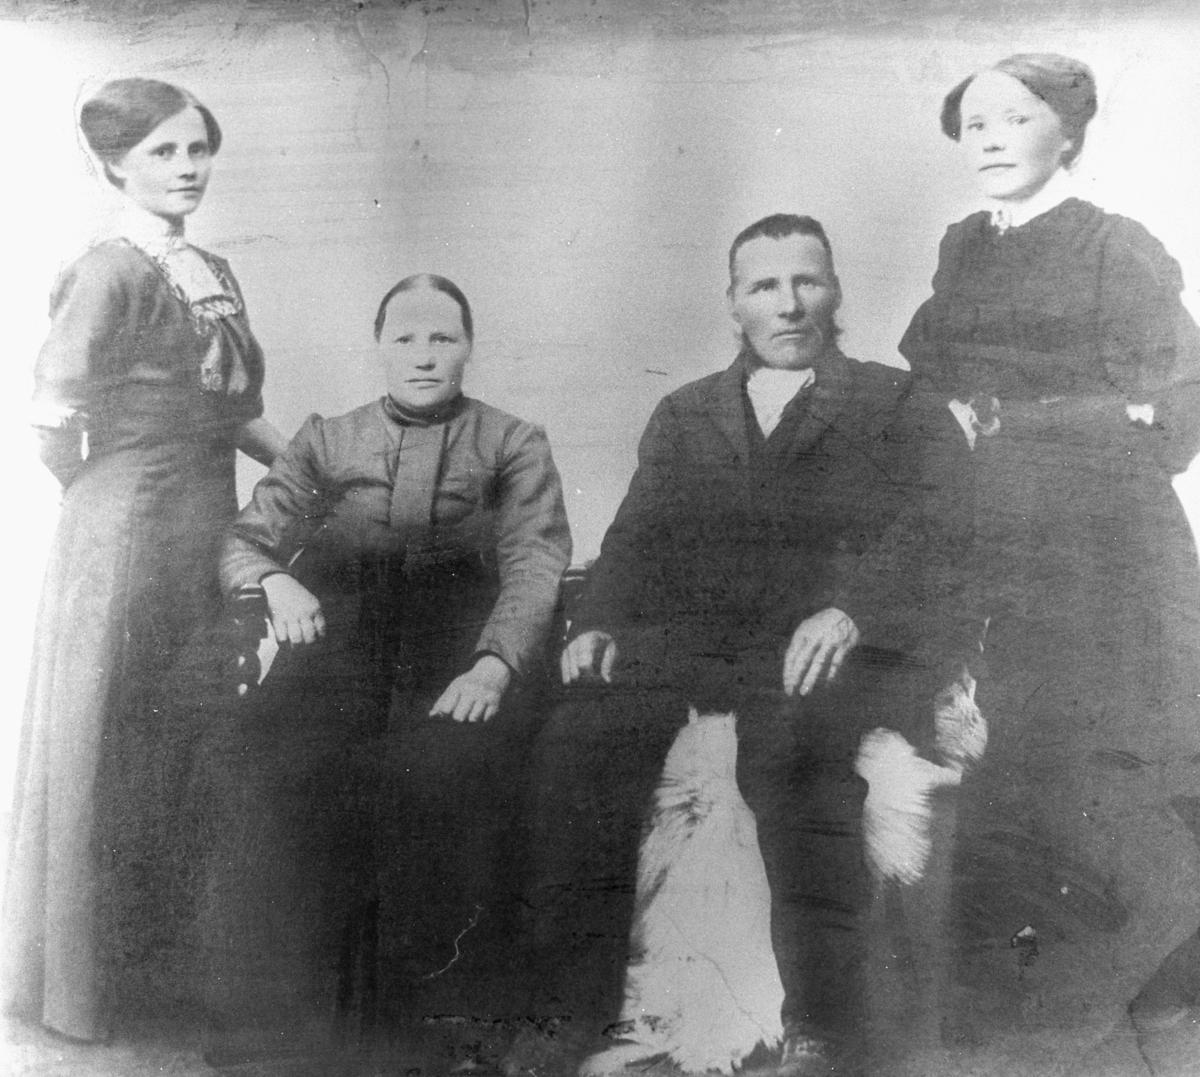 Portrett fra familien Bauna fra Skallelv. Fra venstre: datter Nanna Josefine, senere gift Wickstrøm, mor Maria Kaisa (f.Alatalo), far Lasse og datter Marie Sofie, senere gift Hansen. Foreldrene sitter i mitten og unge damene står på hver sin side av dem.